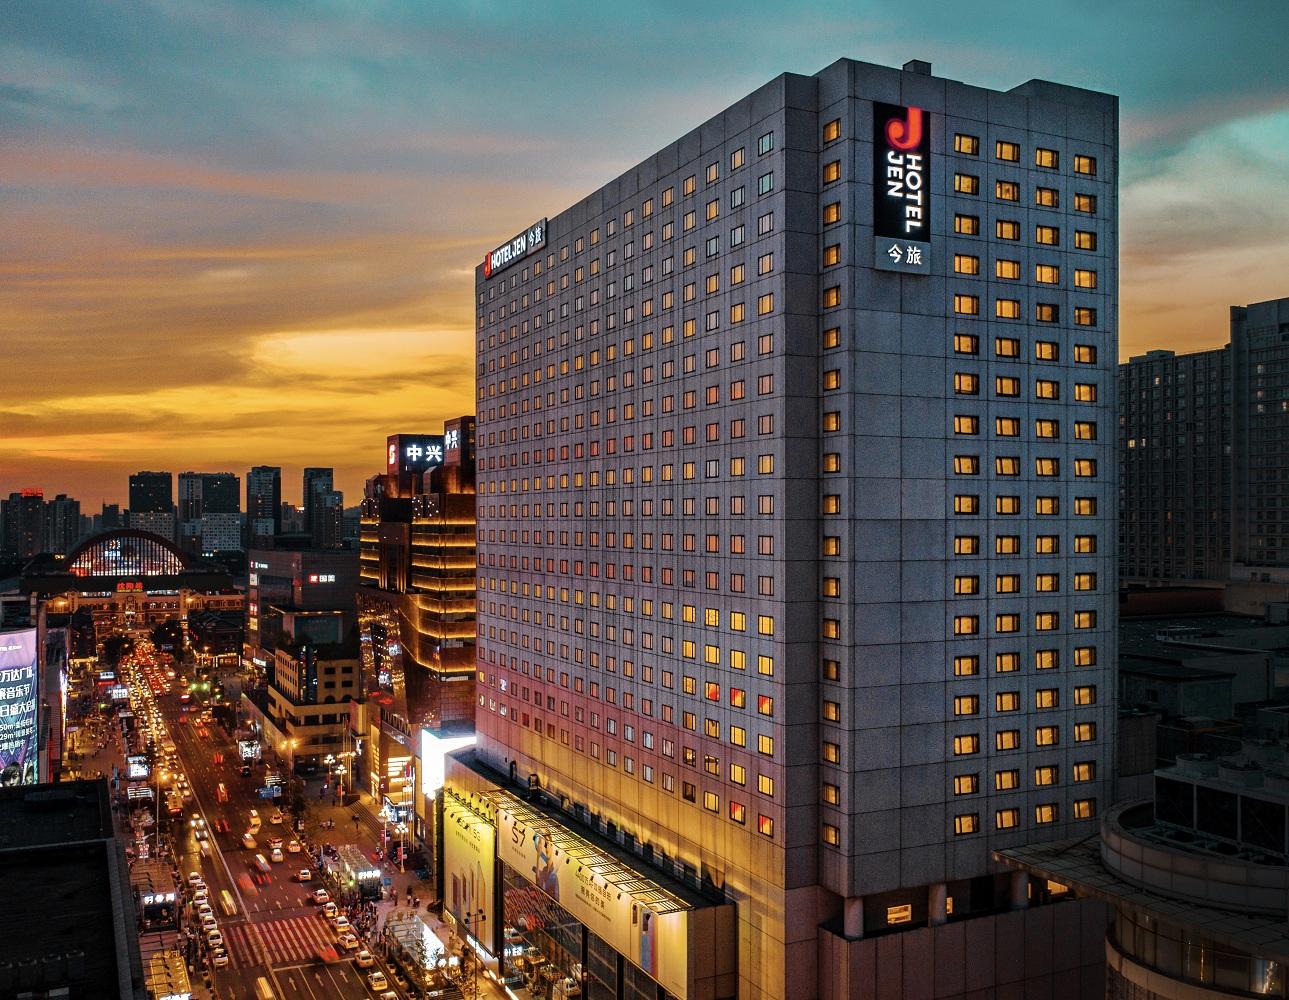 8.沈阳今旅酒店.jpg